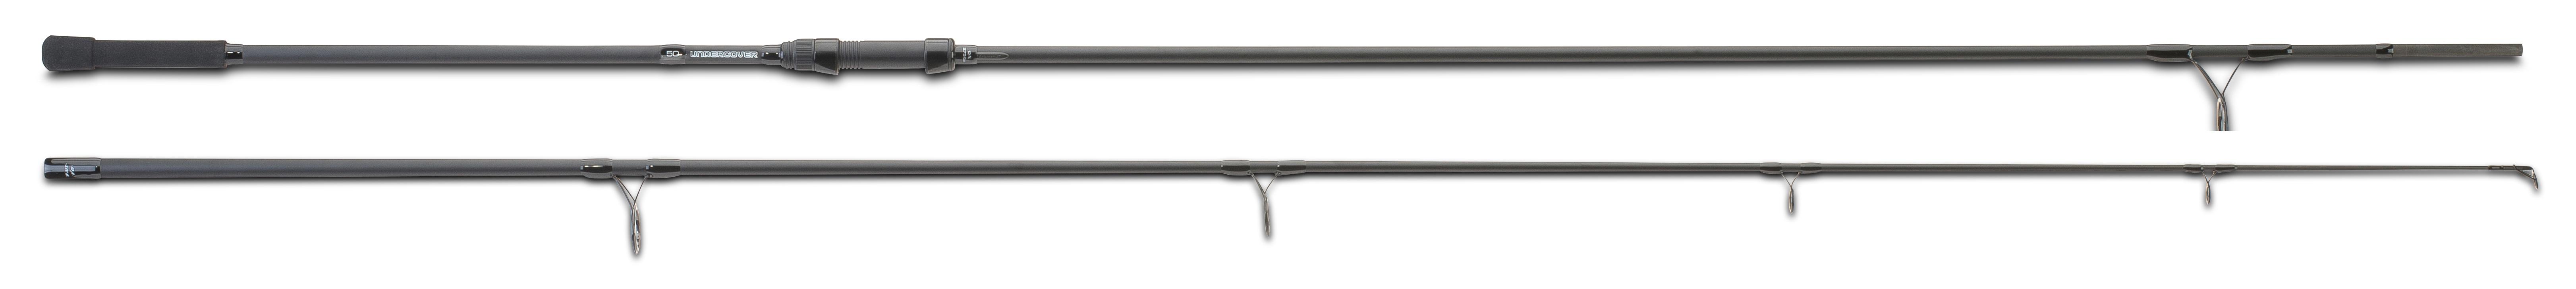 Kaprový prut Anaconda Undecover 50,  2-dílný Model 3,60m / 2,75lb